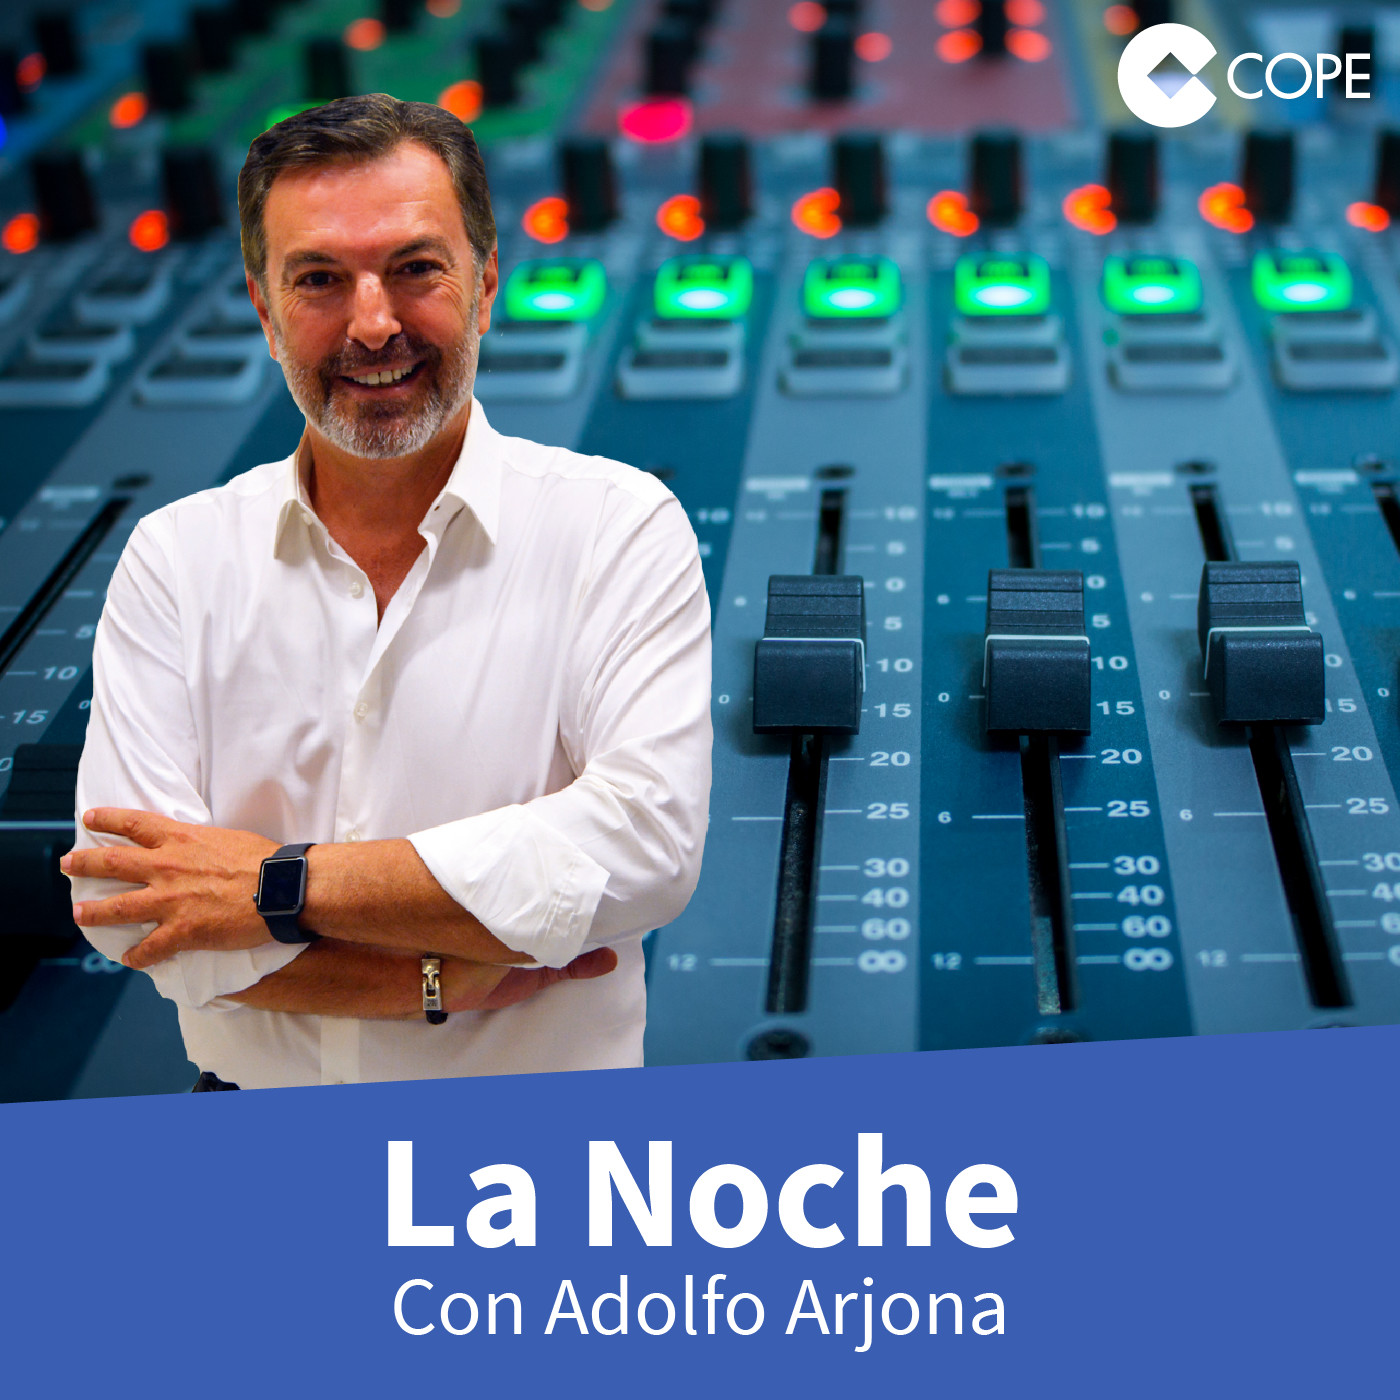 La noche con Adolfo Arjona